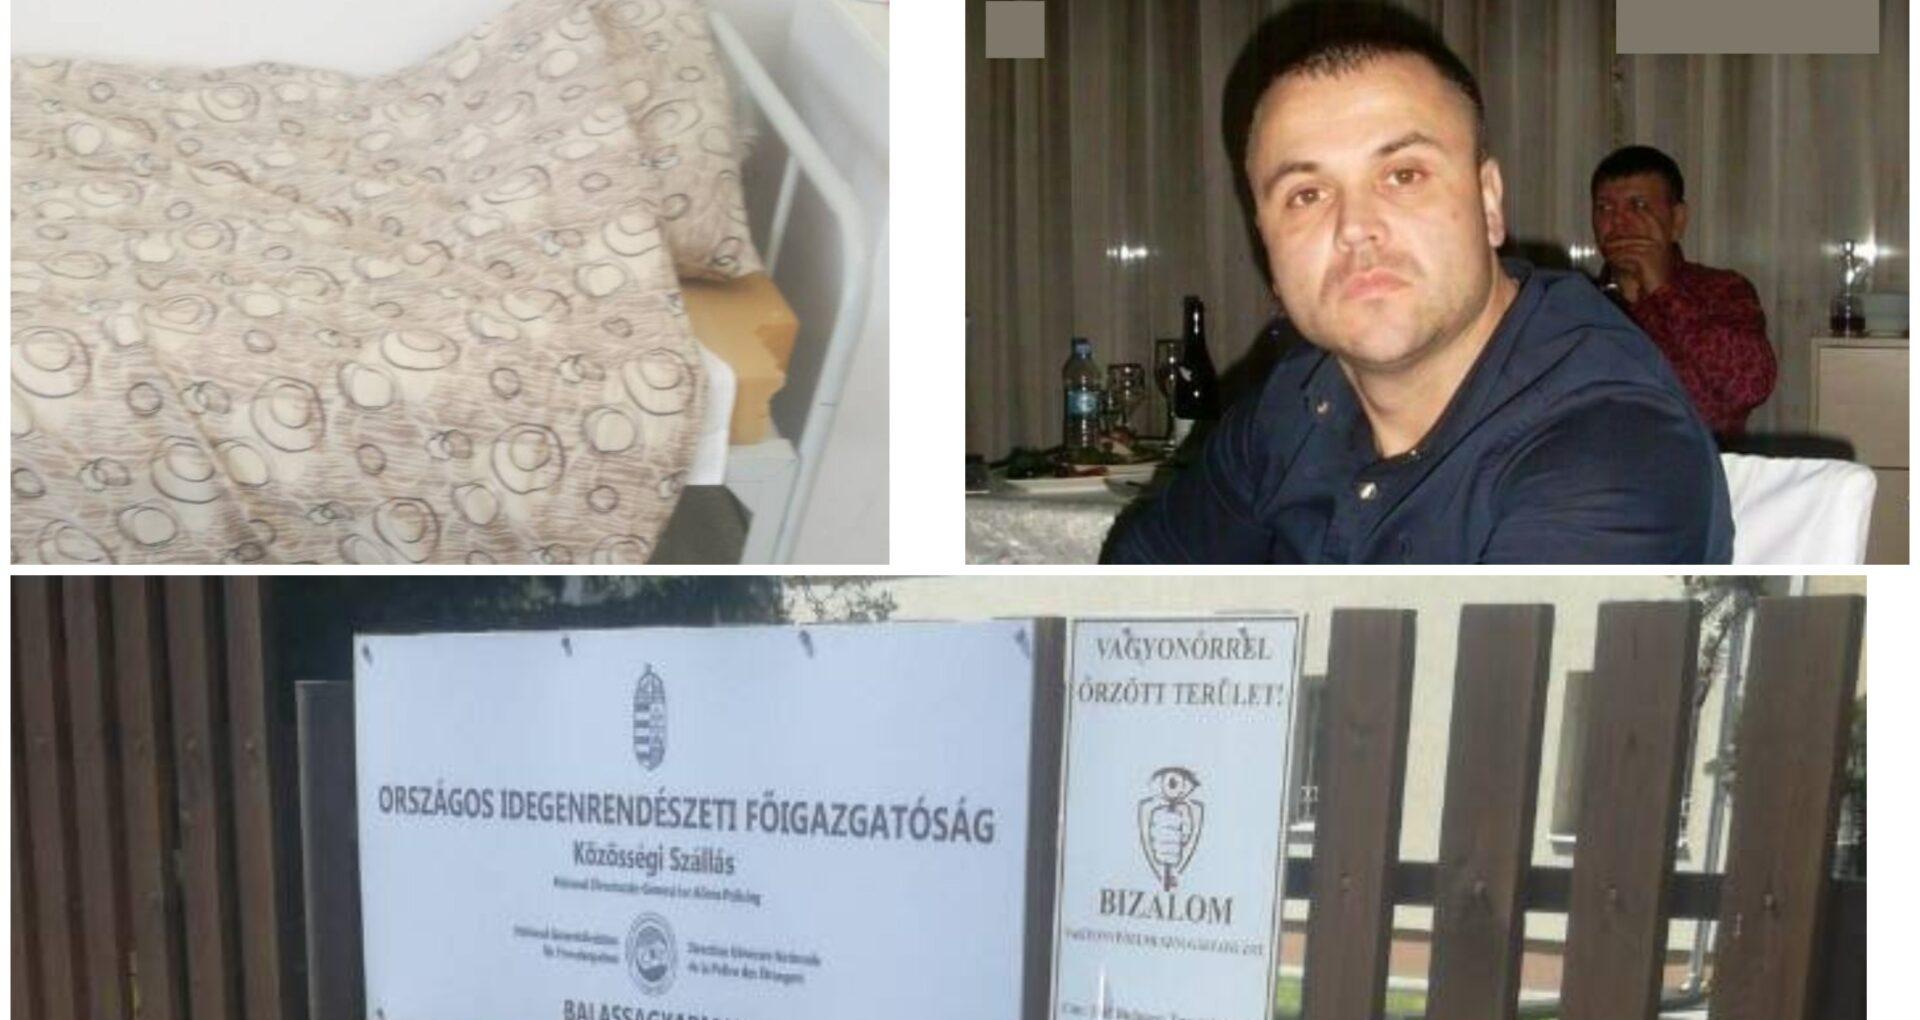 La jumătate de drum de mai bine de trei sătămâni. Un bărbat din R. Moldova nu poate reveni acasă